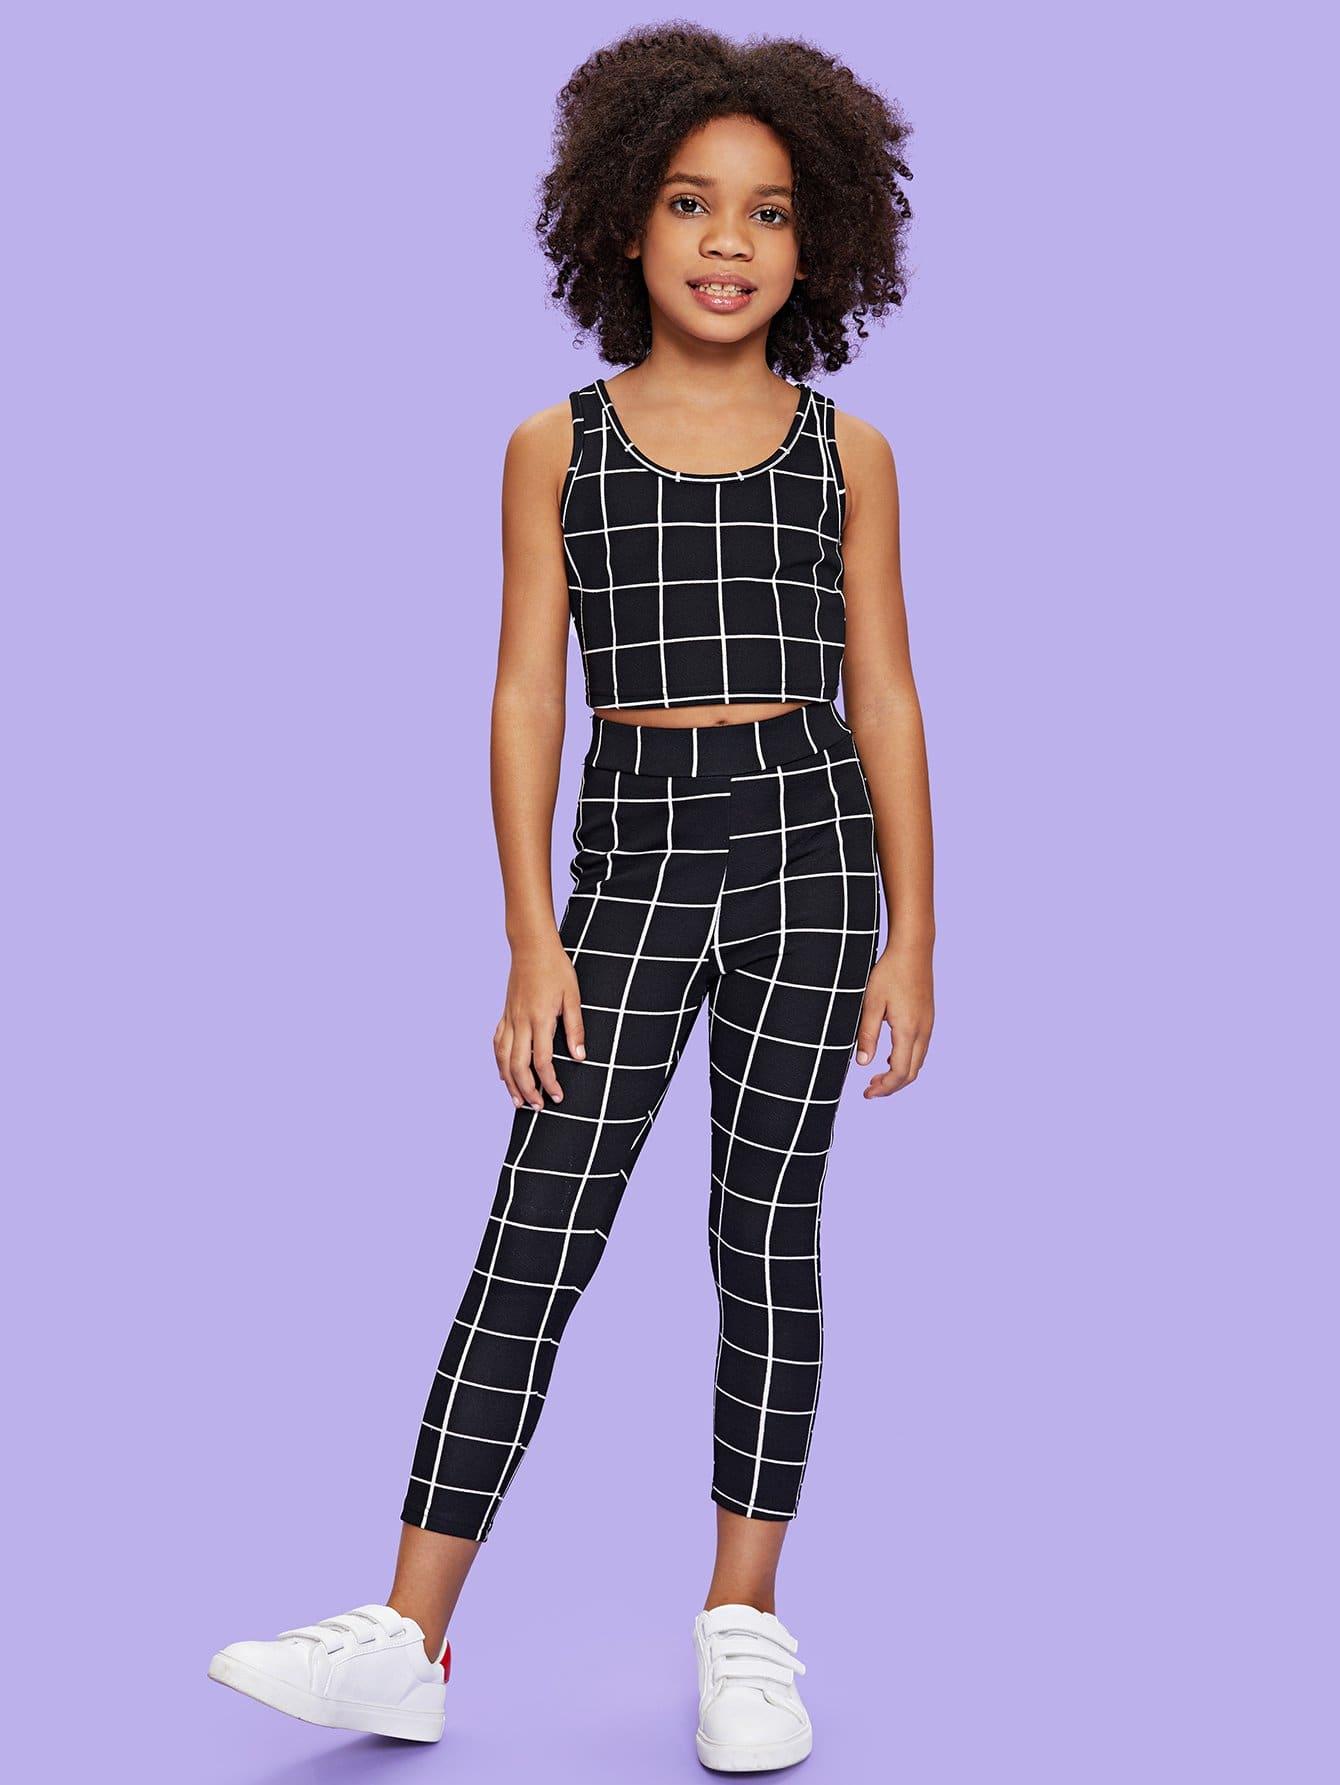 где купить Girls Grid Tank Top & Pants Set дешево